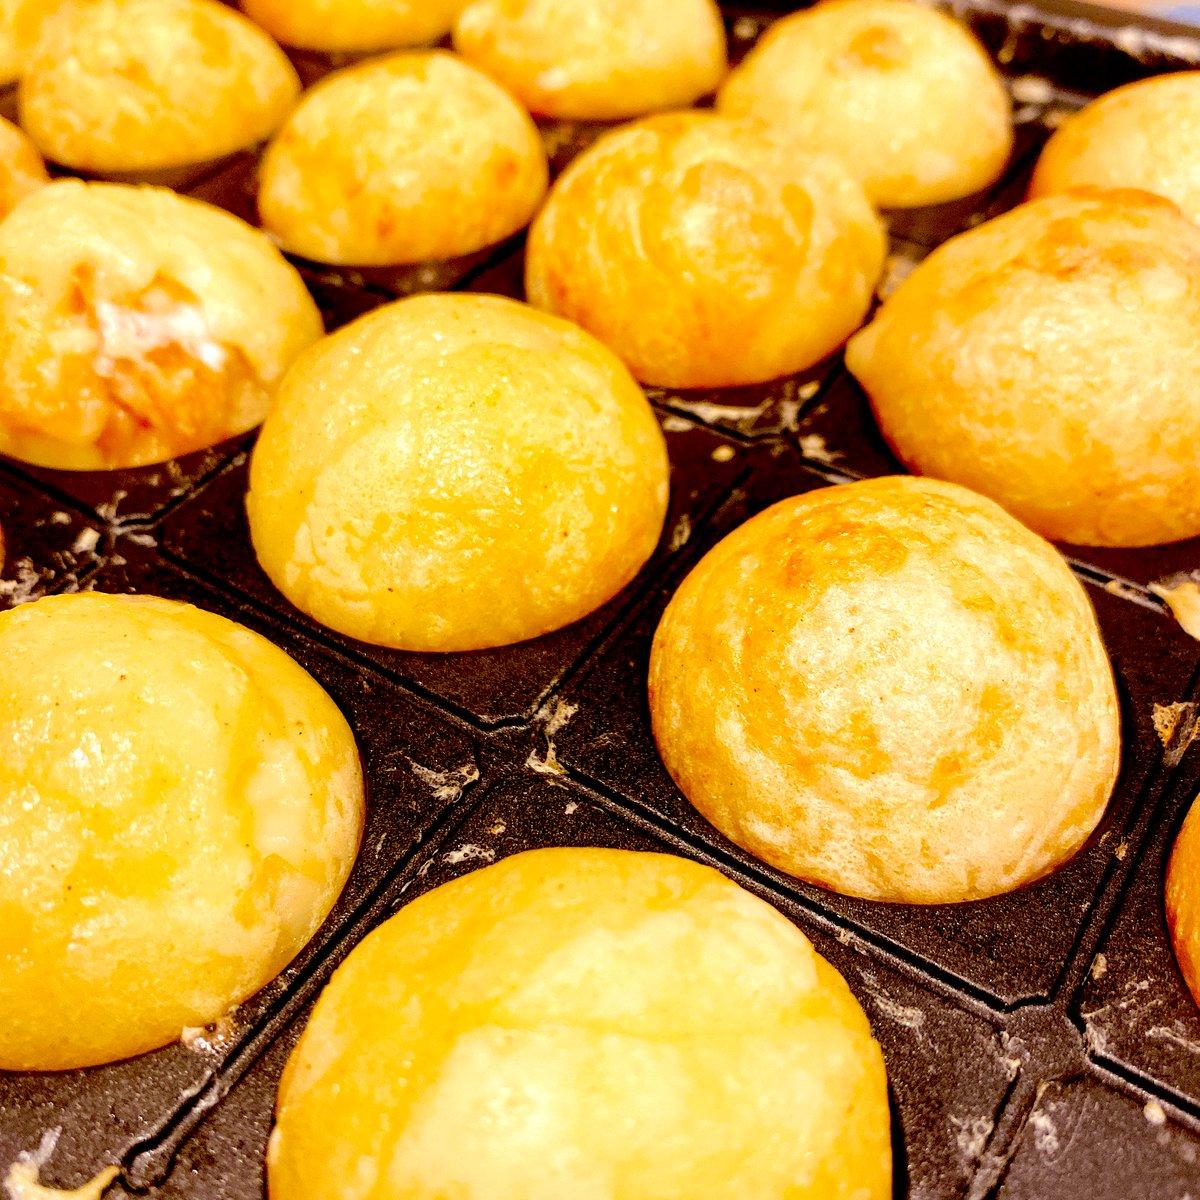 急遽るしあちゃんがキター!✨✨✨✨(^・ω・^§)ノるしあちゃんが初たこ焼き作りではしゃいでたー!!!💪🏼🦊かなたんとココちと4人でタコパ🐙( '-' 🐙 )タコチャン